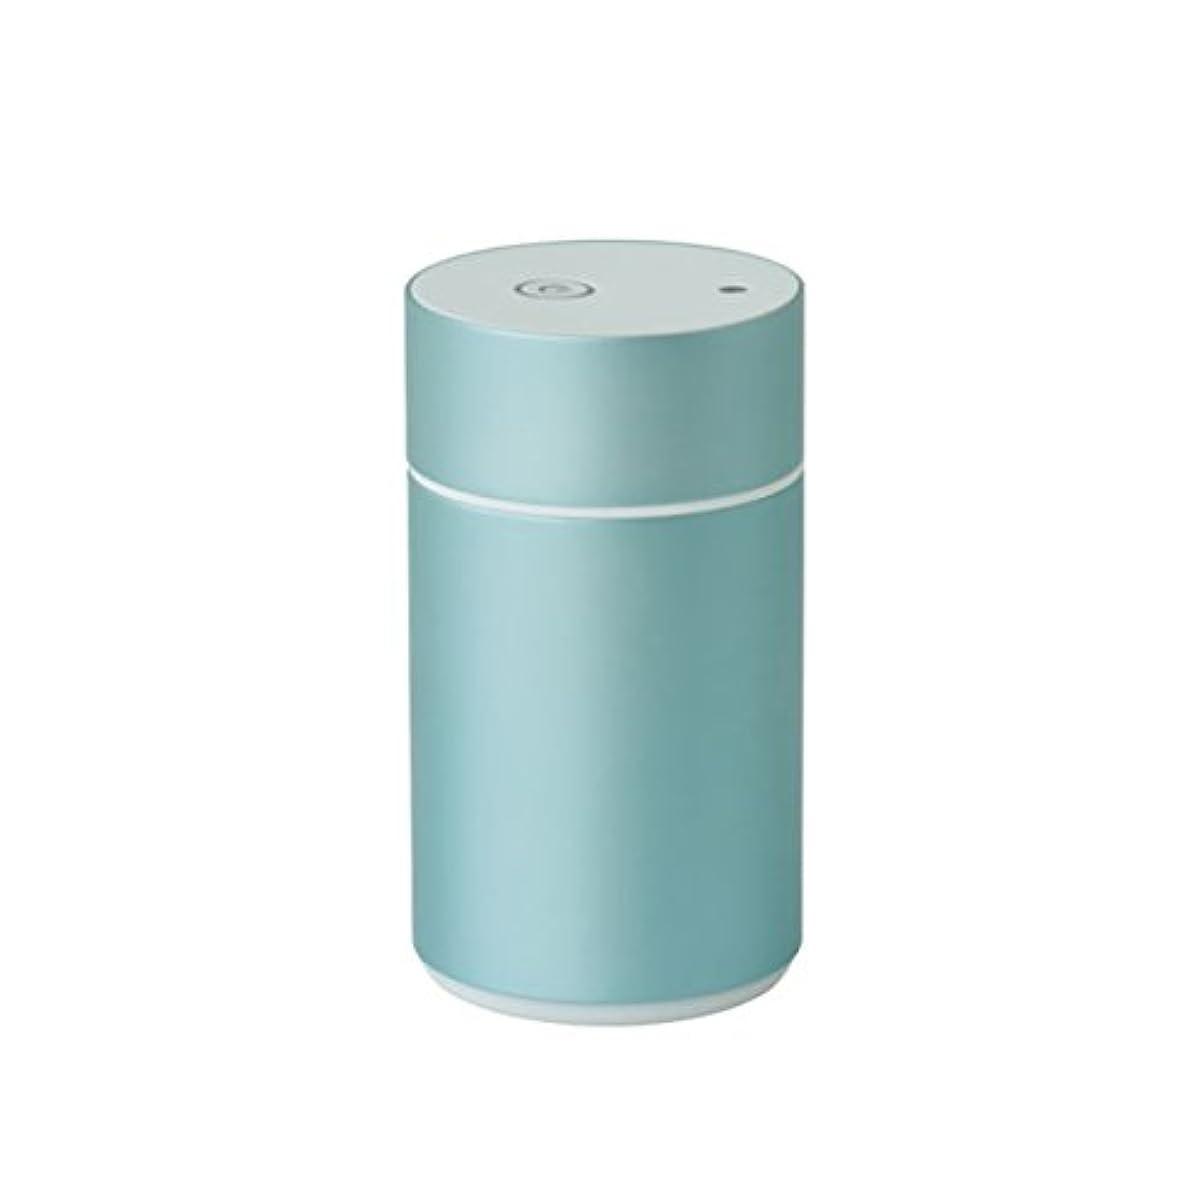 カプラー消化器必要ない生活の木 アロモアミニ ミントグリーン[aromore-mini] (エッセンシャルオイルディフューザー) (圧縮微粒子式アロマディフューザー)